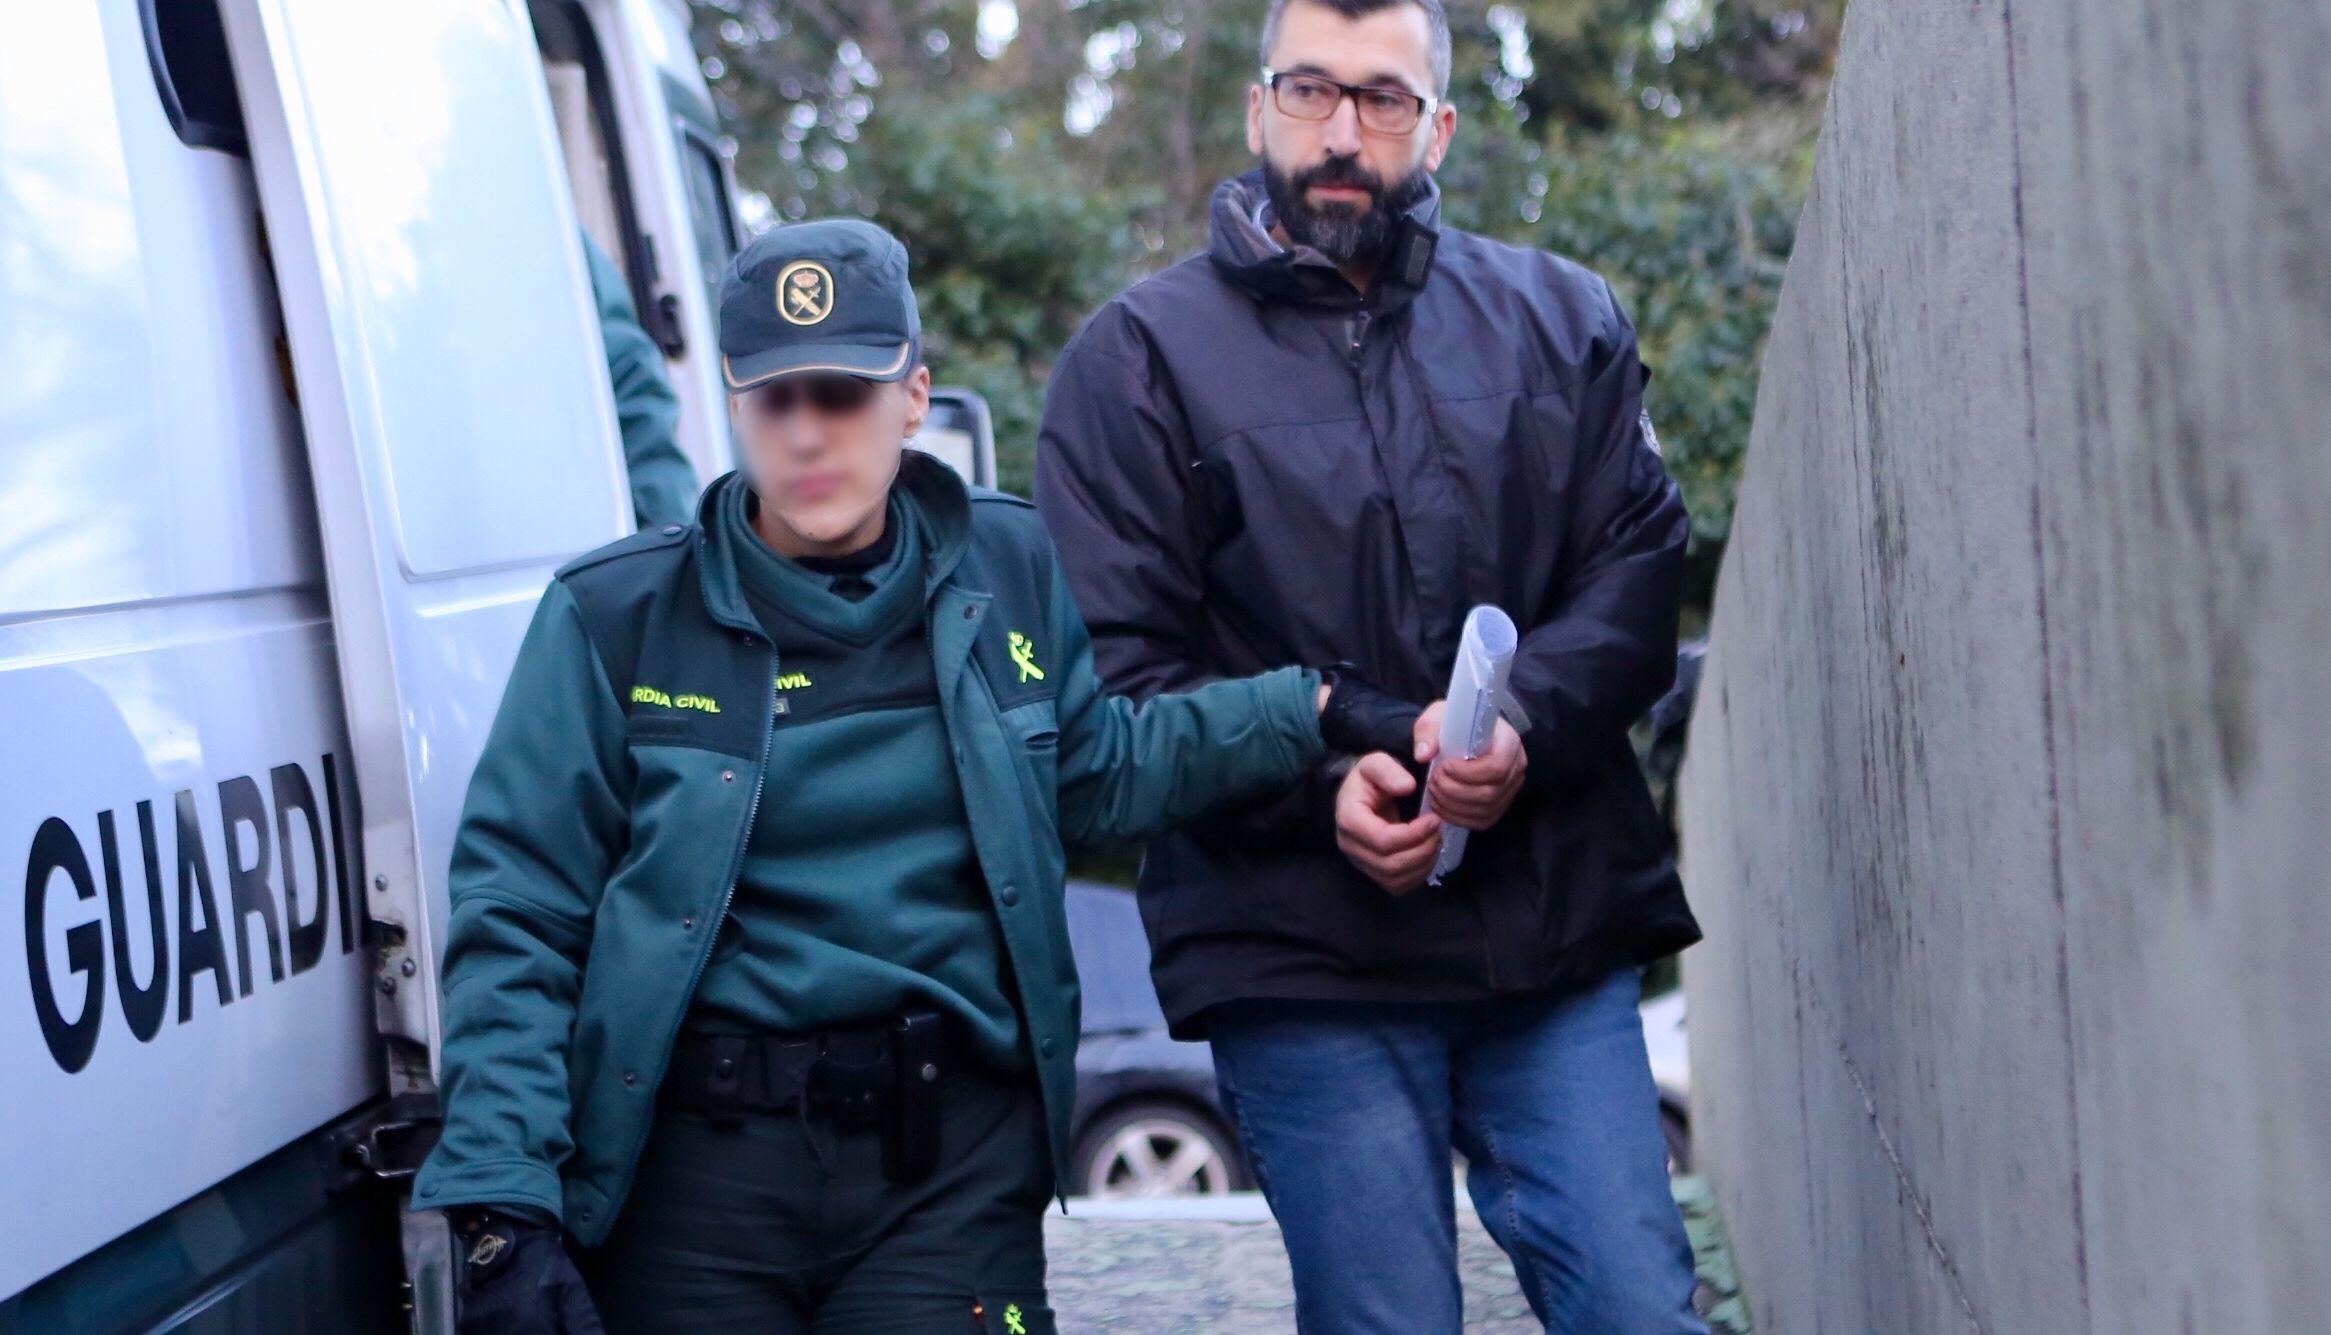 La quinta jornada del juicio contra César Adrio, en imágenes.César Adrio, acusado del asesinato de Ana Enjamio, durante el juicio